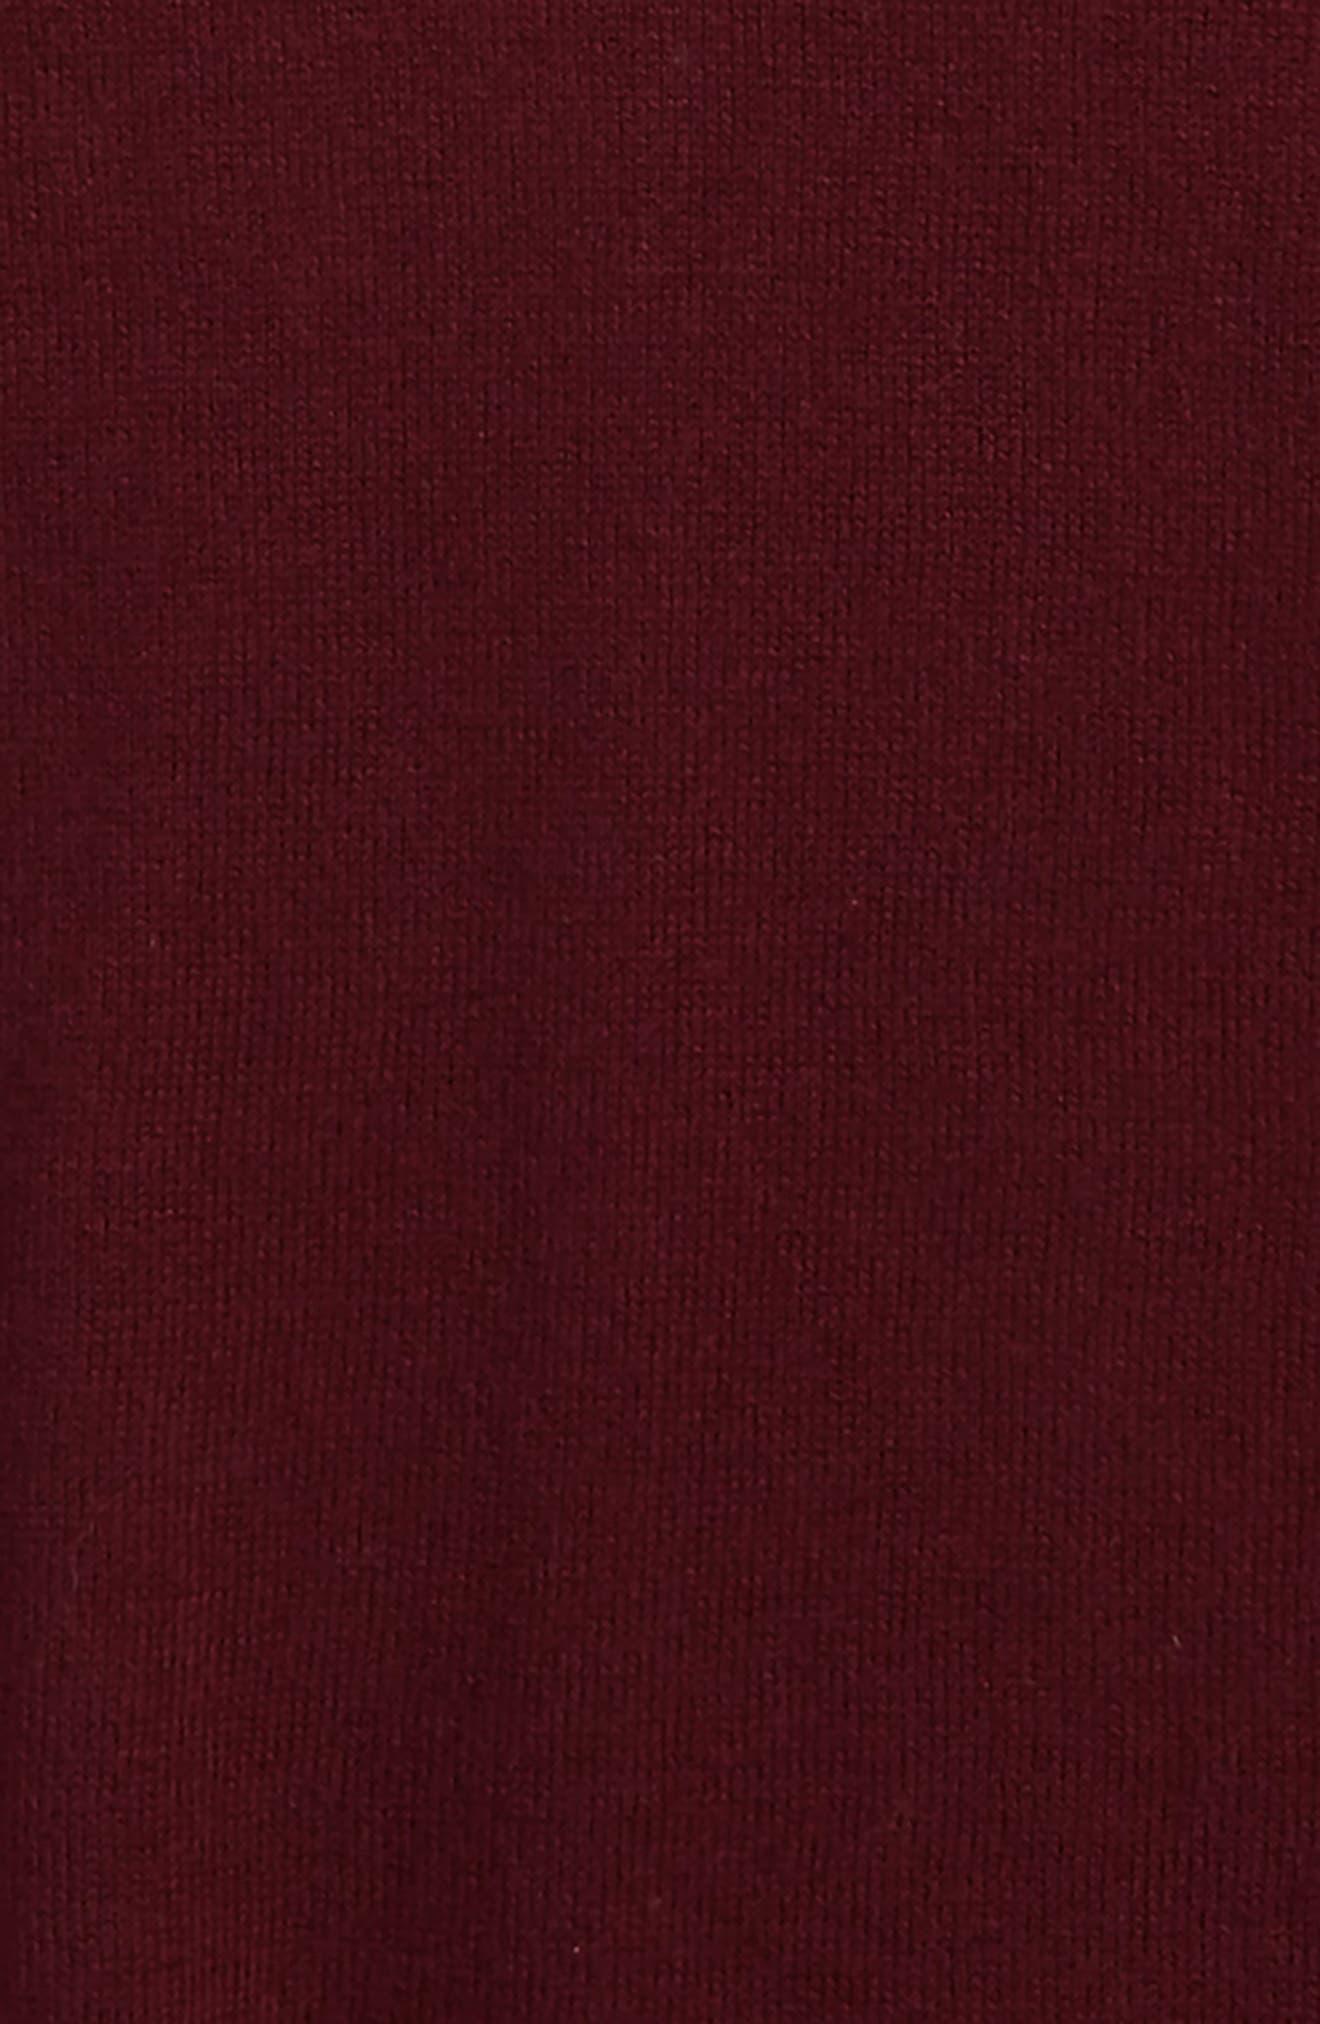 V-Neck Sweater,                             Alternate thumbnail 6, color,